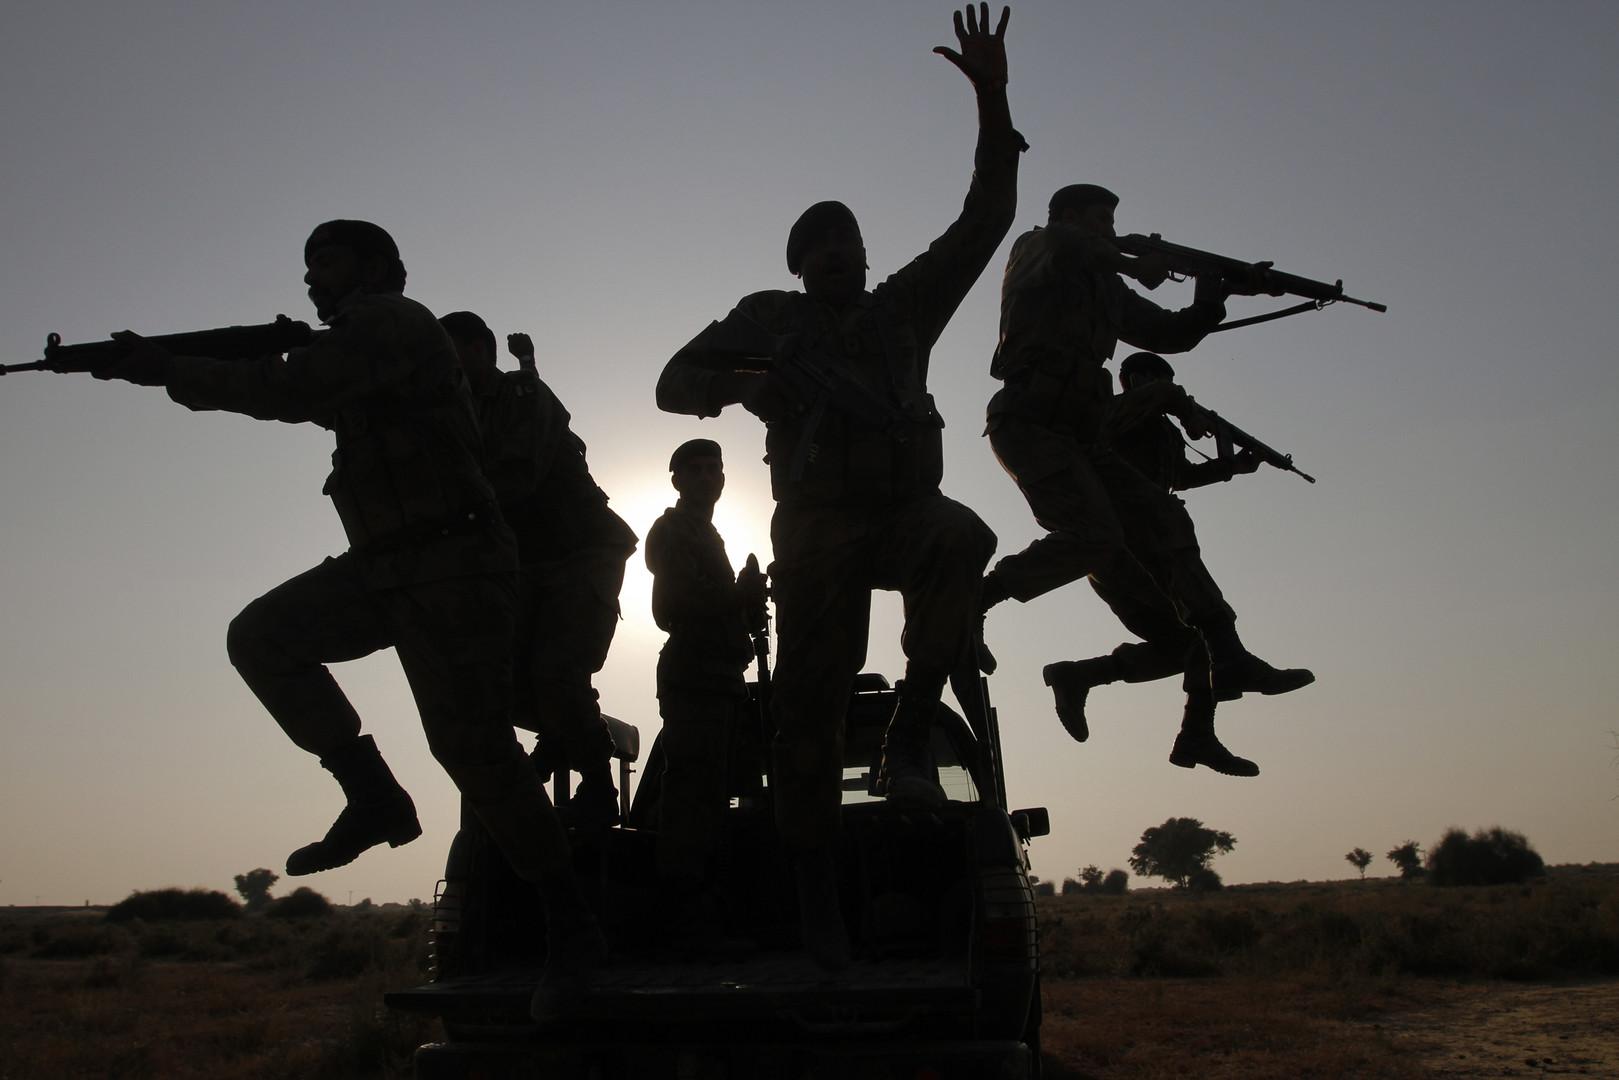 خمسة سيناريوهات للحرب العالمية الثالثة